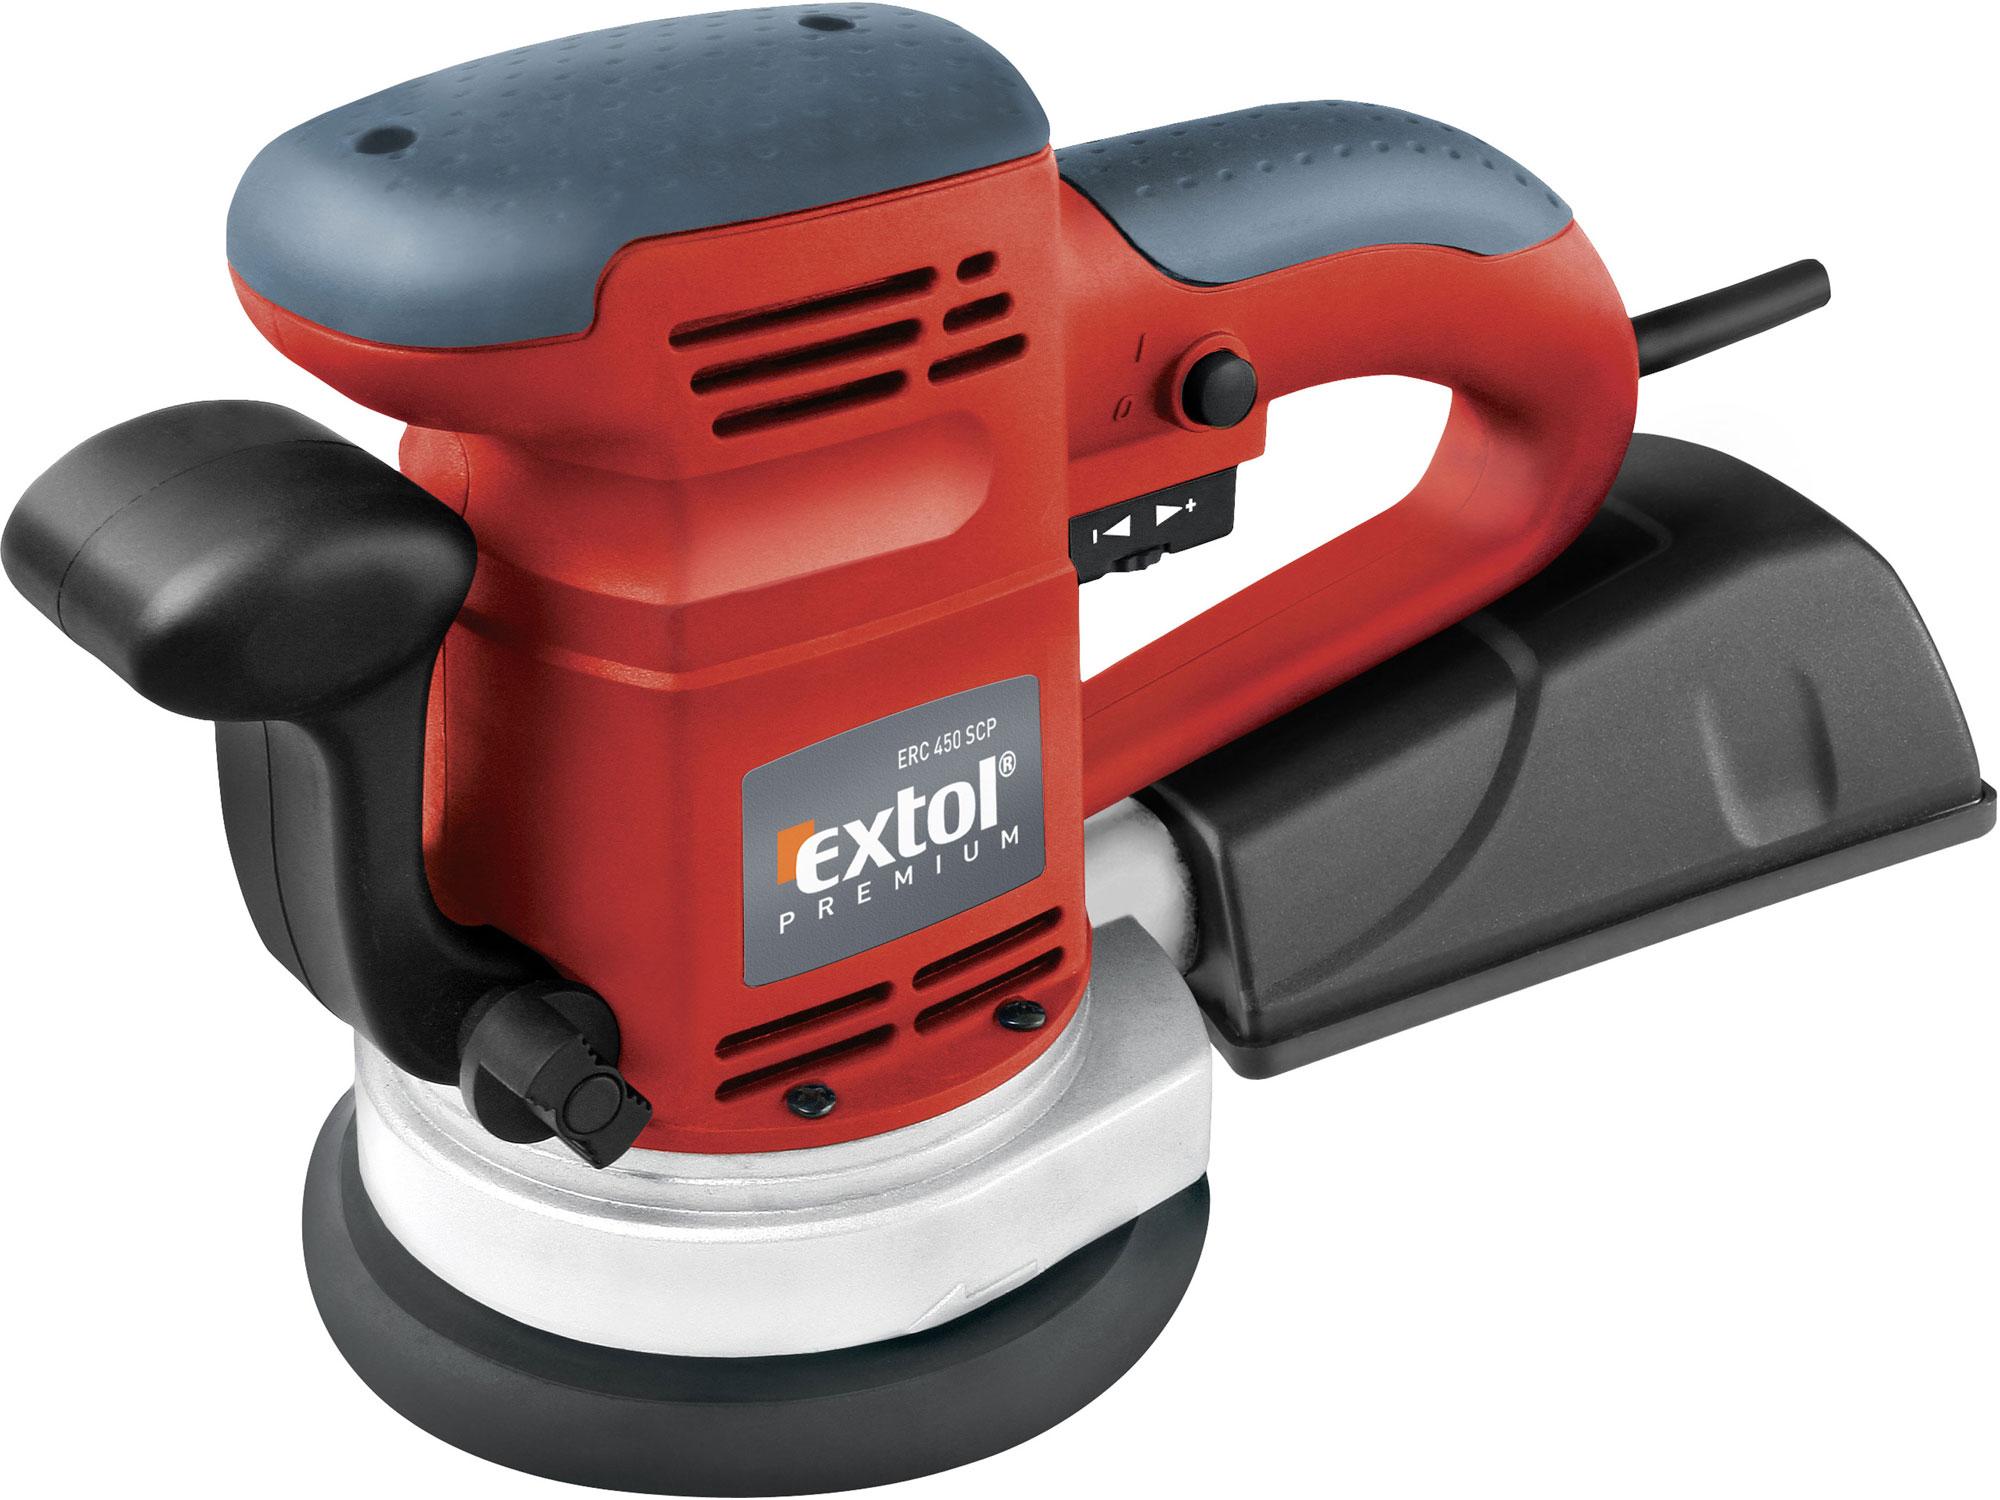 Bruska vibrační excentrická ERC 450 SCP EXTOL PREMIUM 8894202